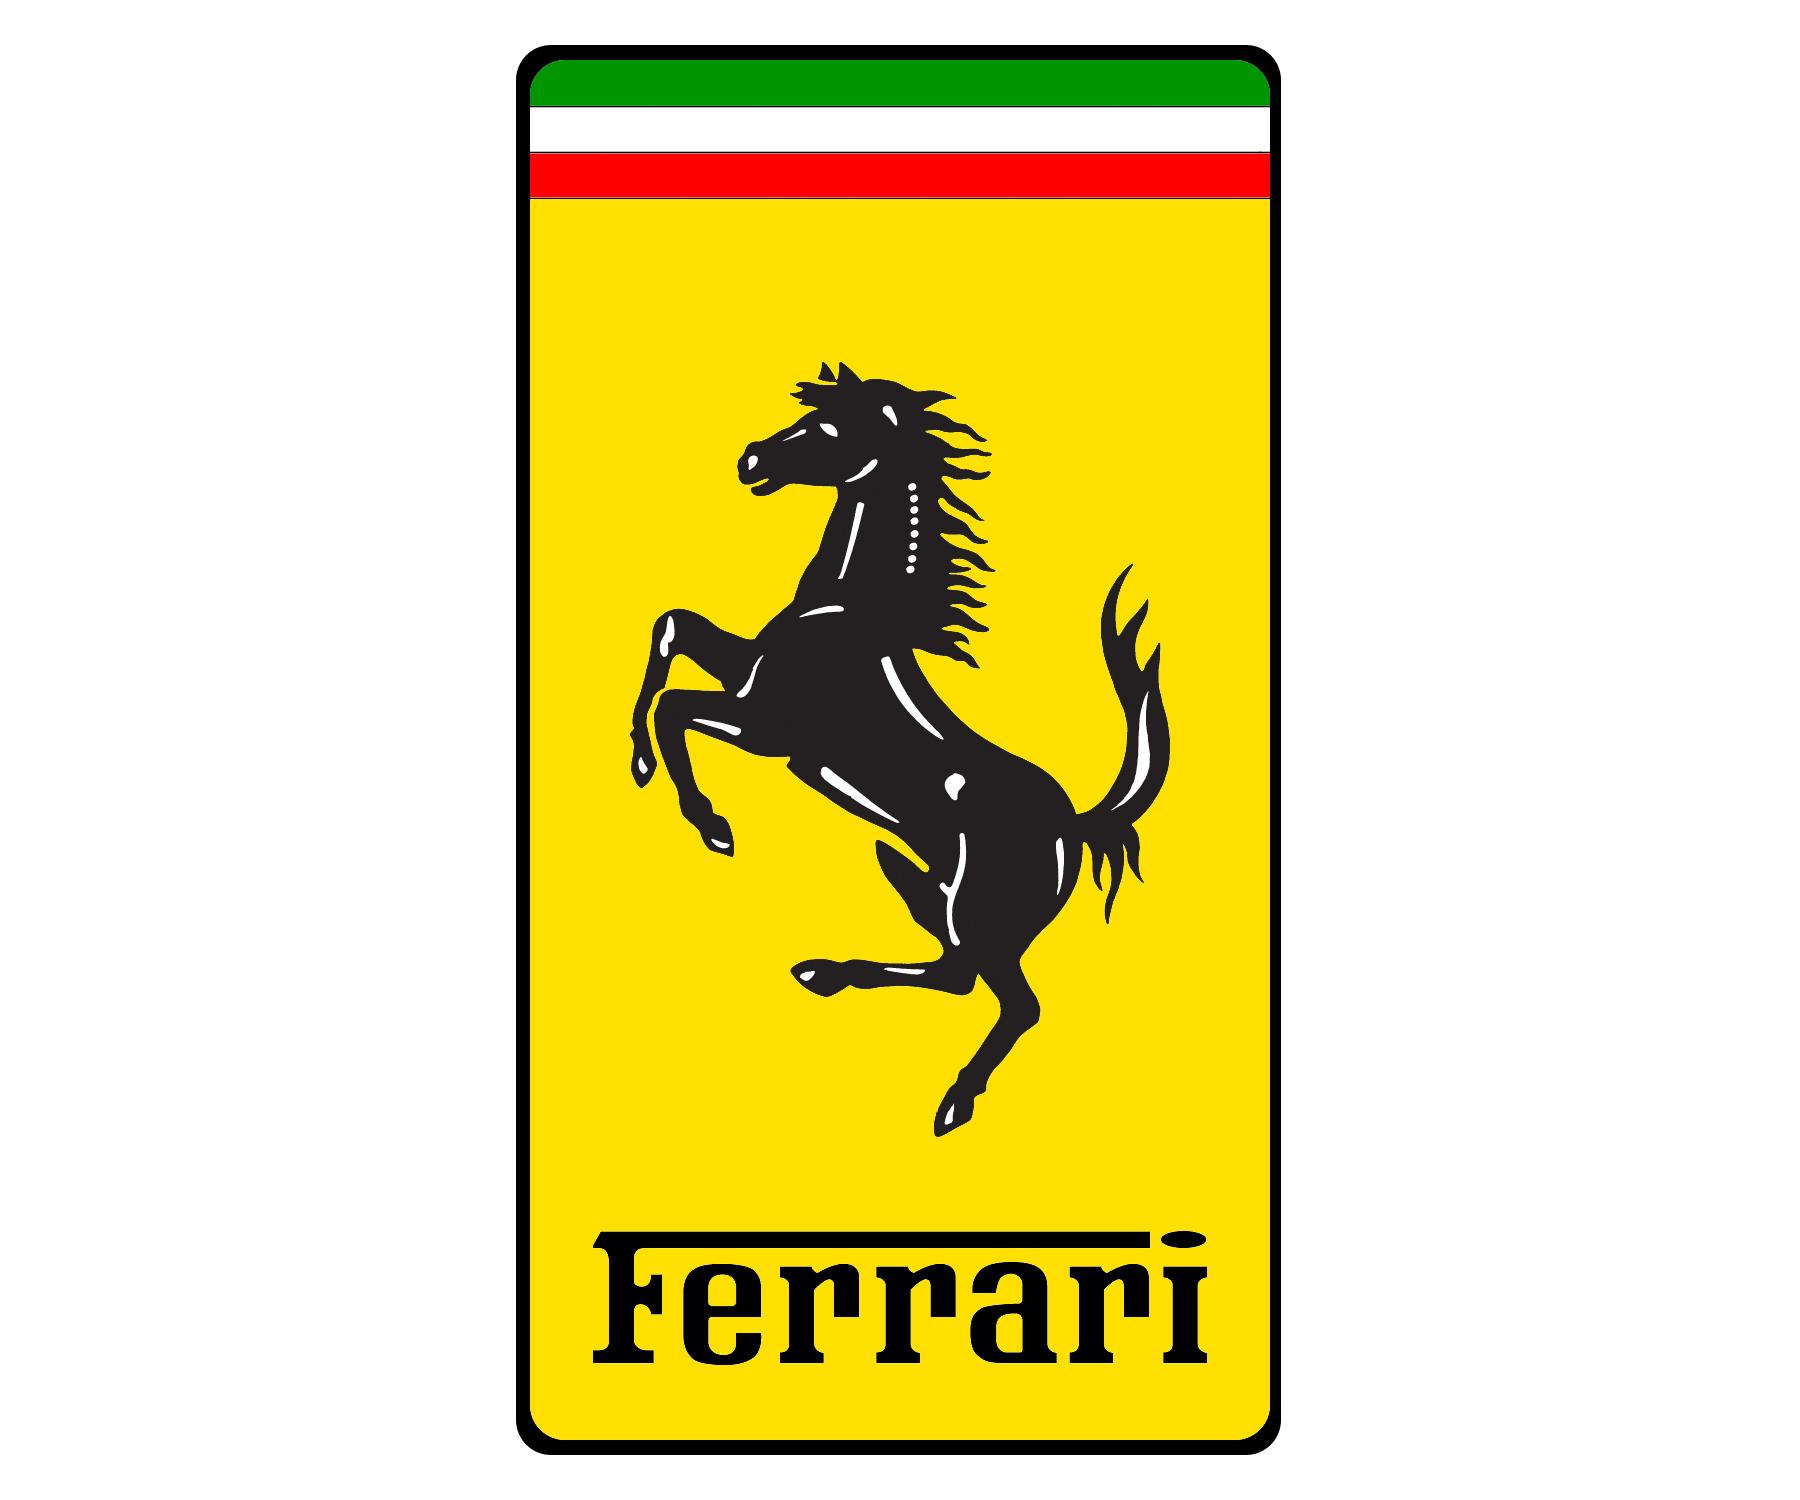 Le Logo Ferrari Les Marques De Voitures